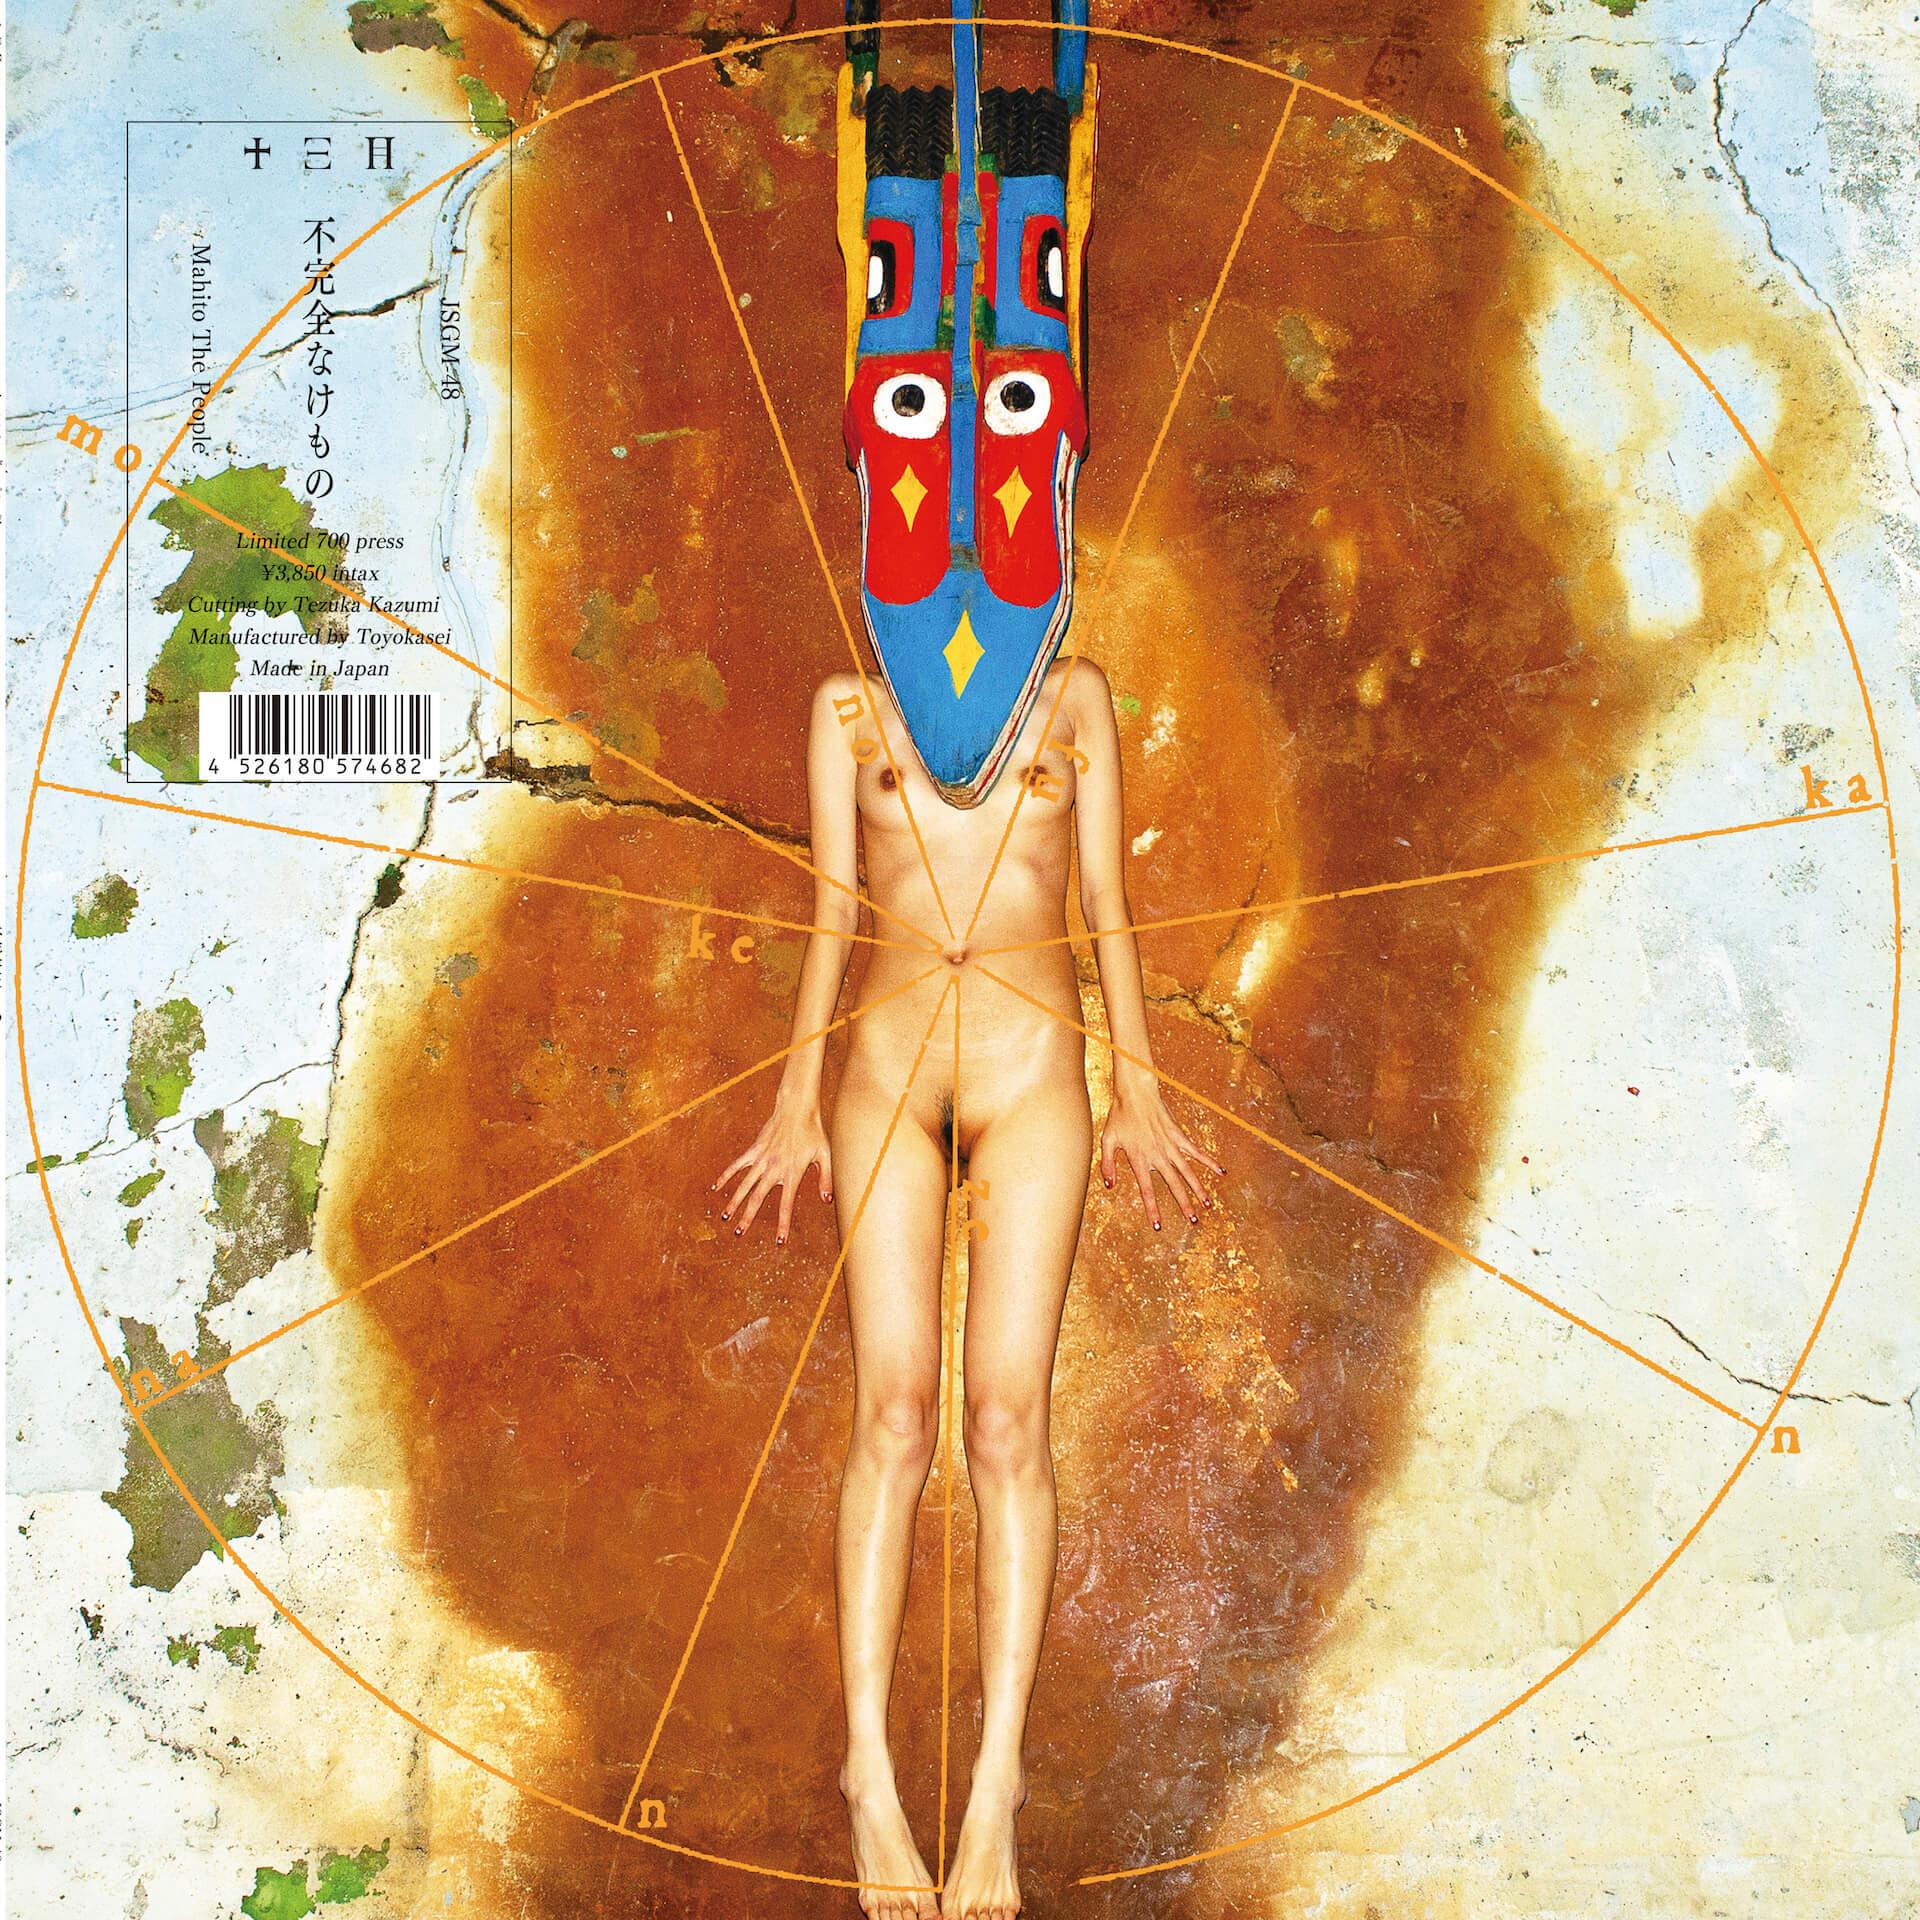 〈十三月〉13ヶ月連続レコードリリースプロジェクト第8弾!マヒトゥ・ザ・ピーポーの3rdアルバム『不完全なけもの』に決定 music210714_mahitothepeople_1